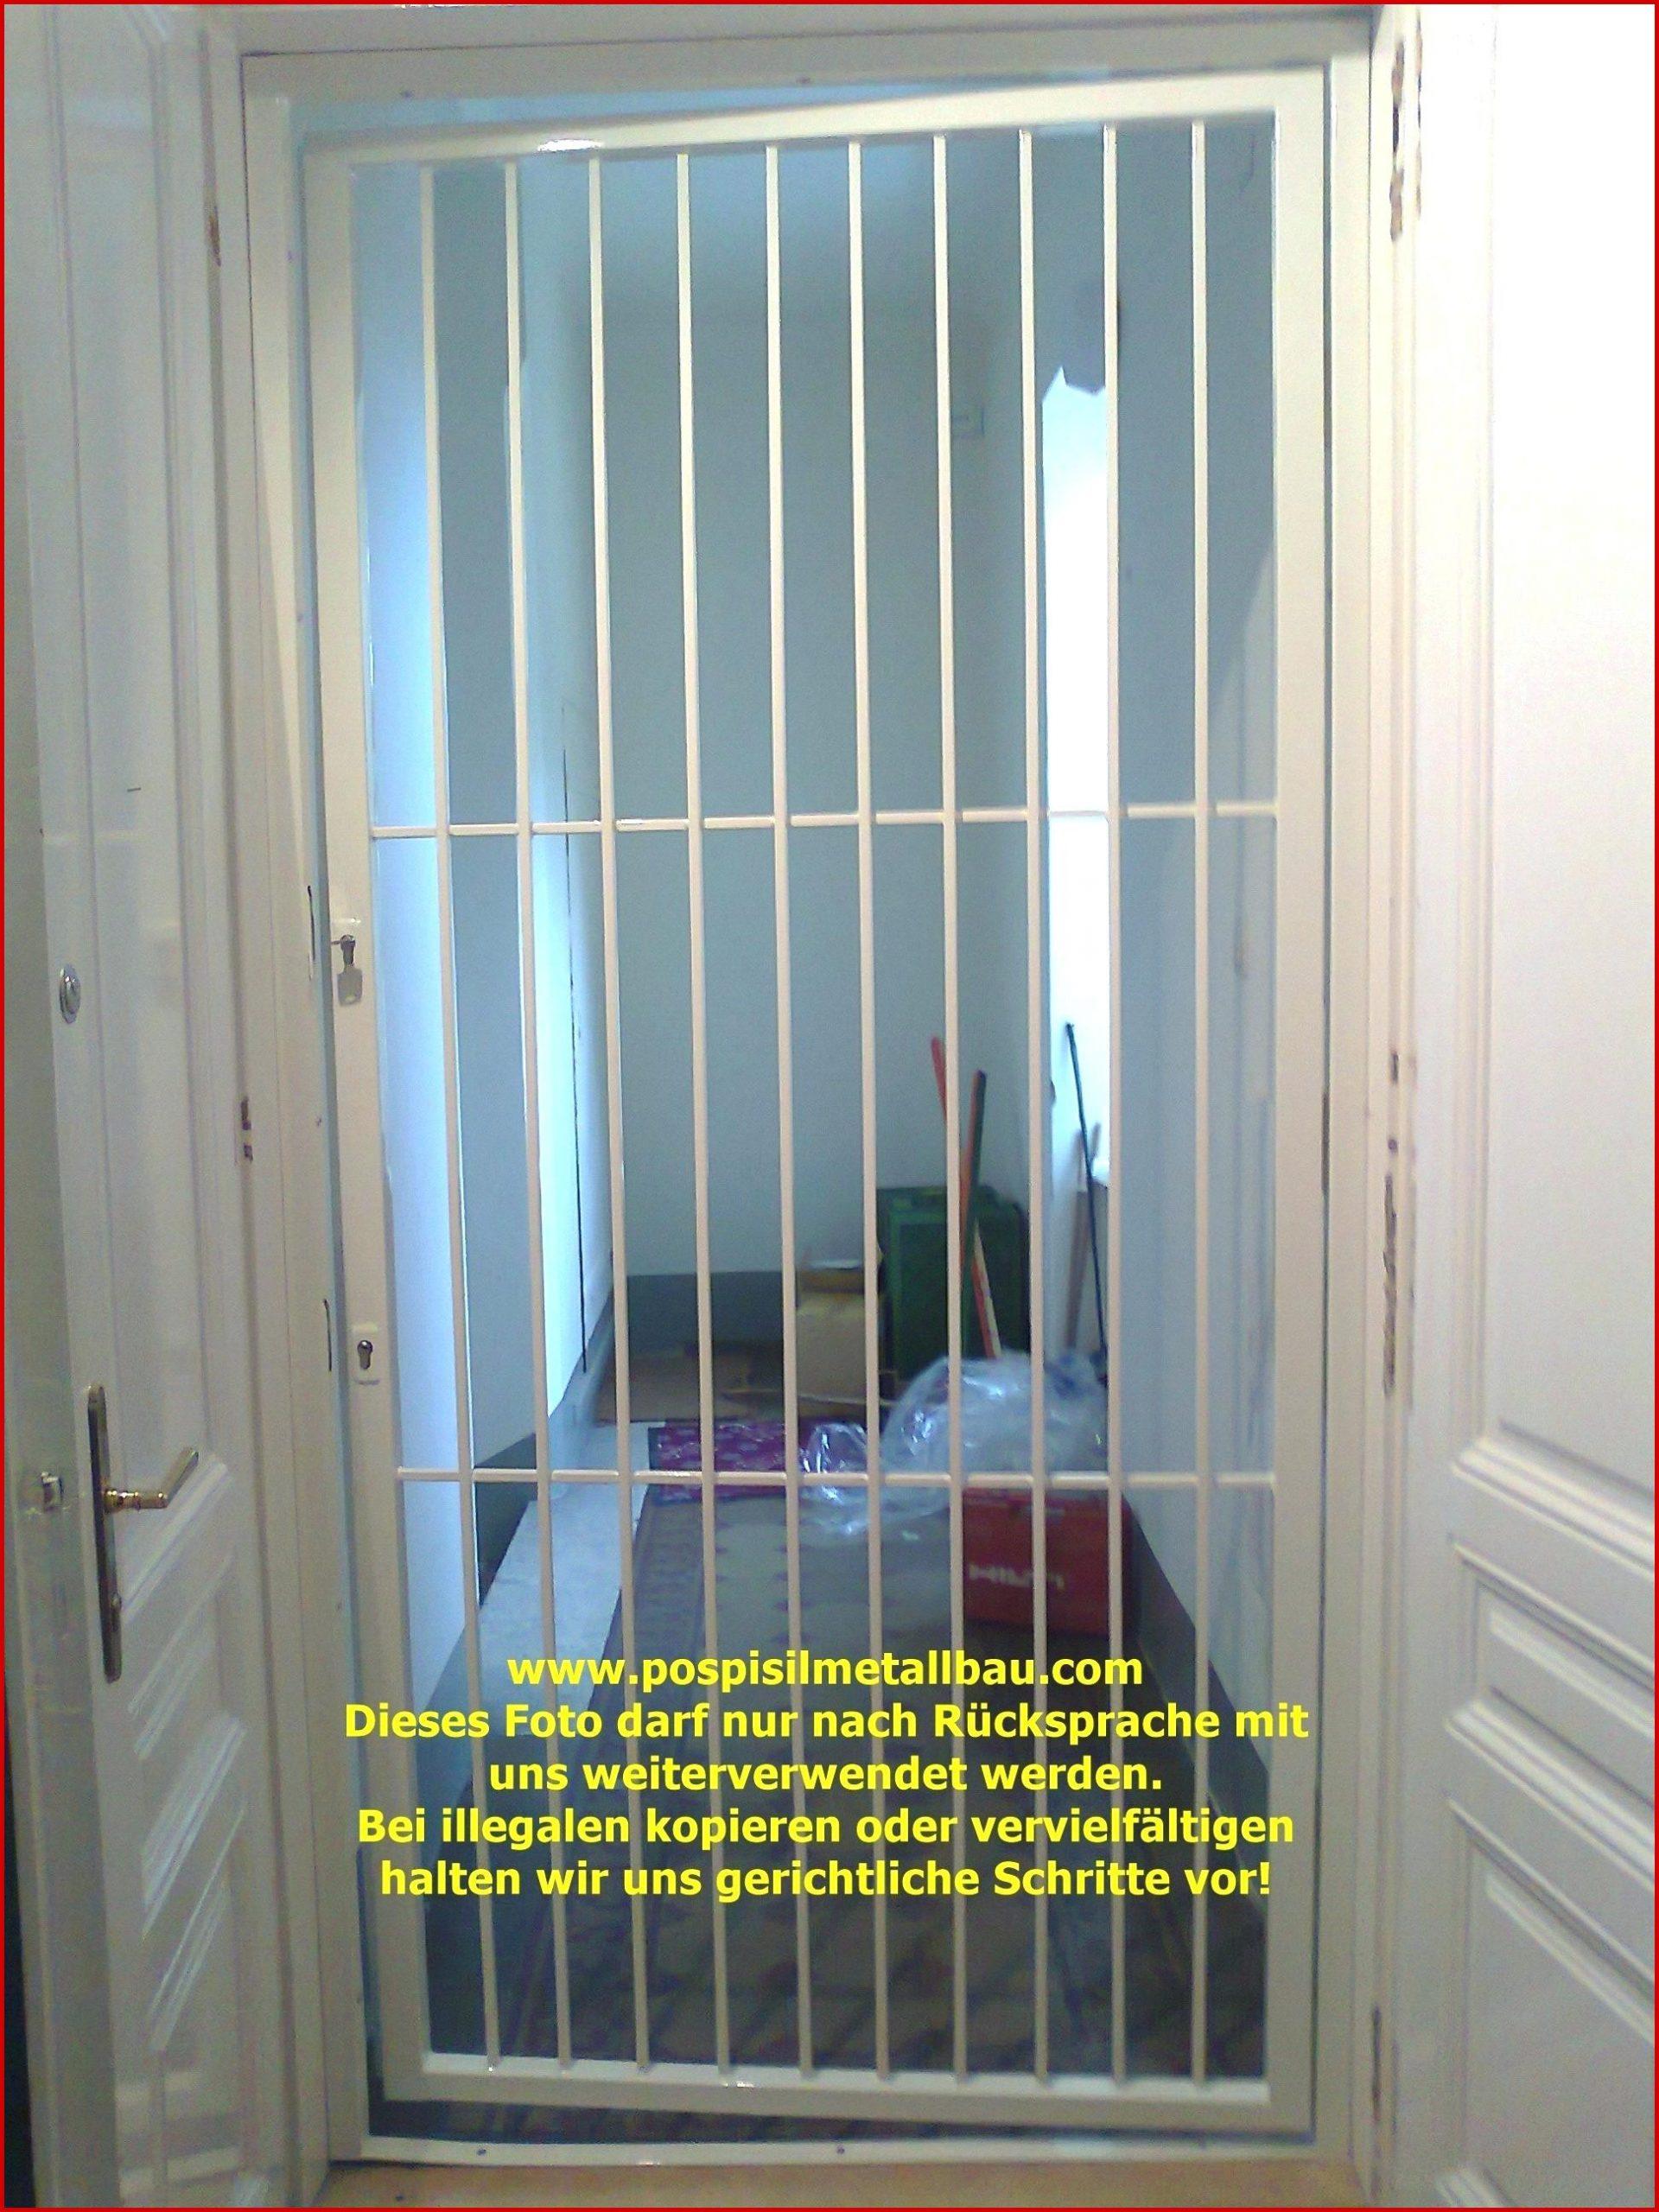 Full Size of Fenstergitter Einbruchschutz Obi Gitter Fenster Ohne Bohren Modern Edelstahl Befestigung Kaufen Fr Alarmanlage Drutex Fliegengitter Für Wärmeschutzfolie Aco Fenster Gitter Fenster Einbruchschutz